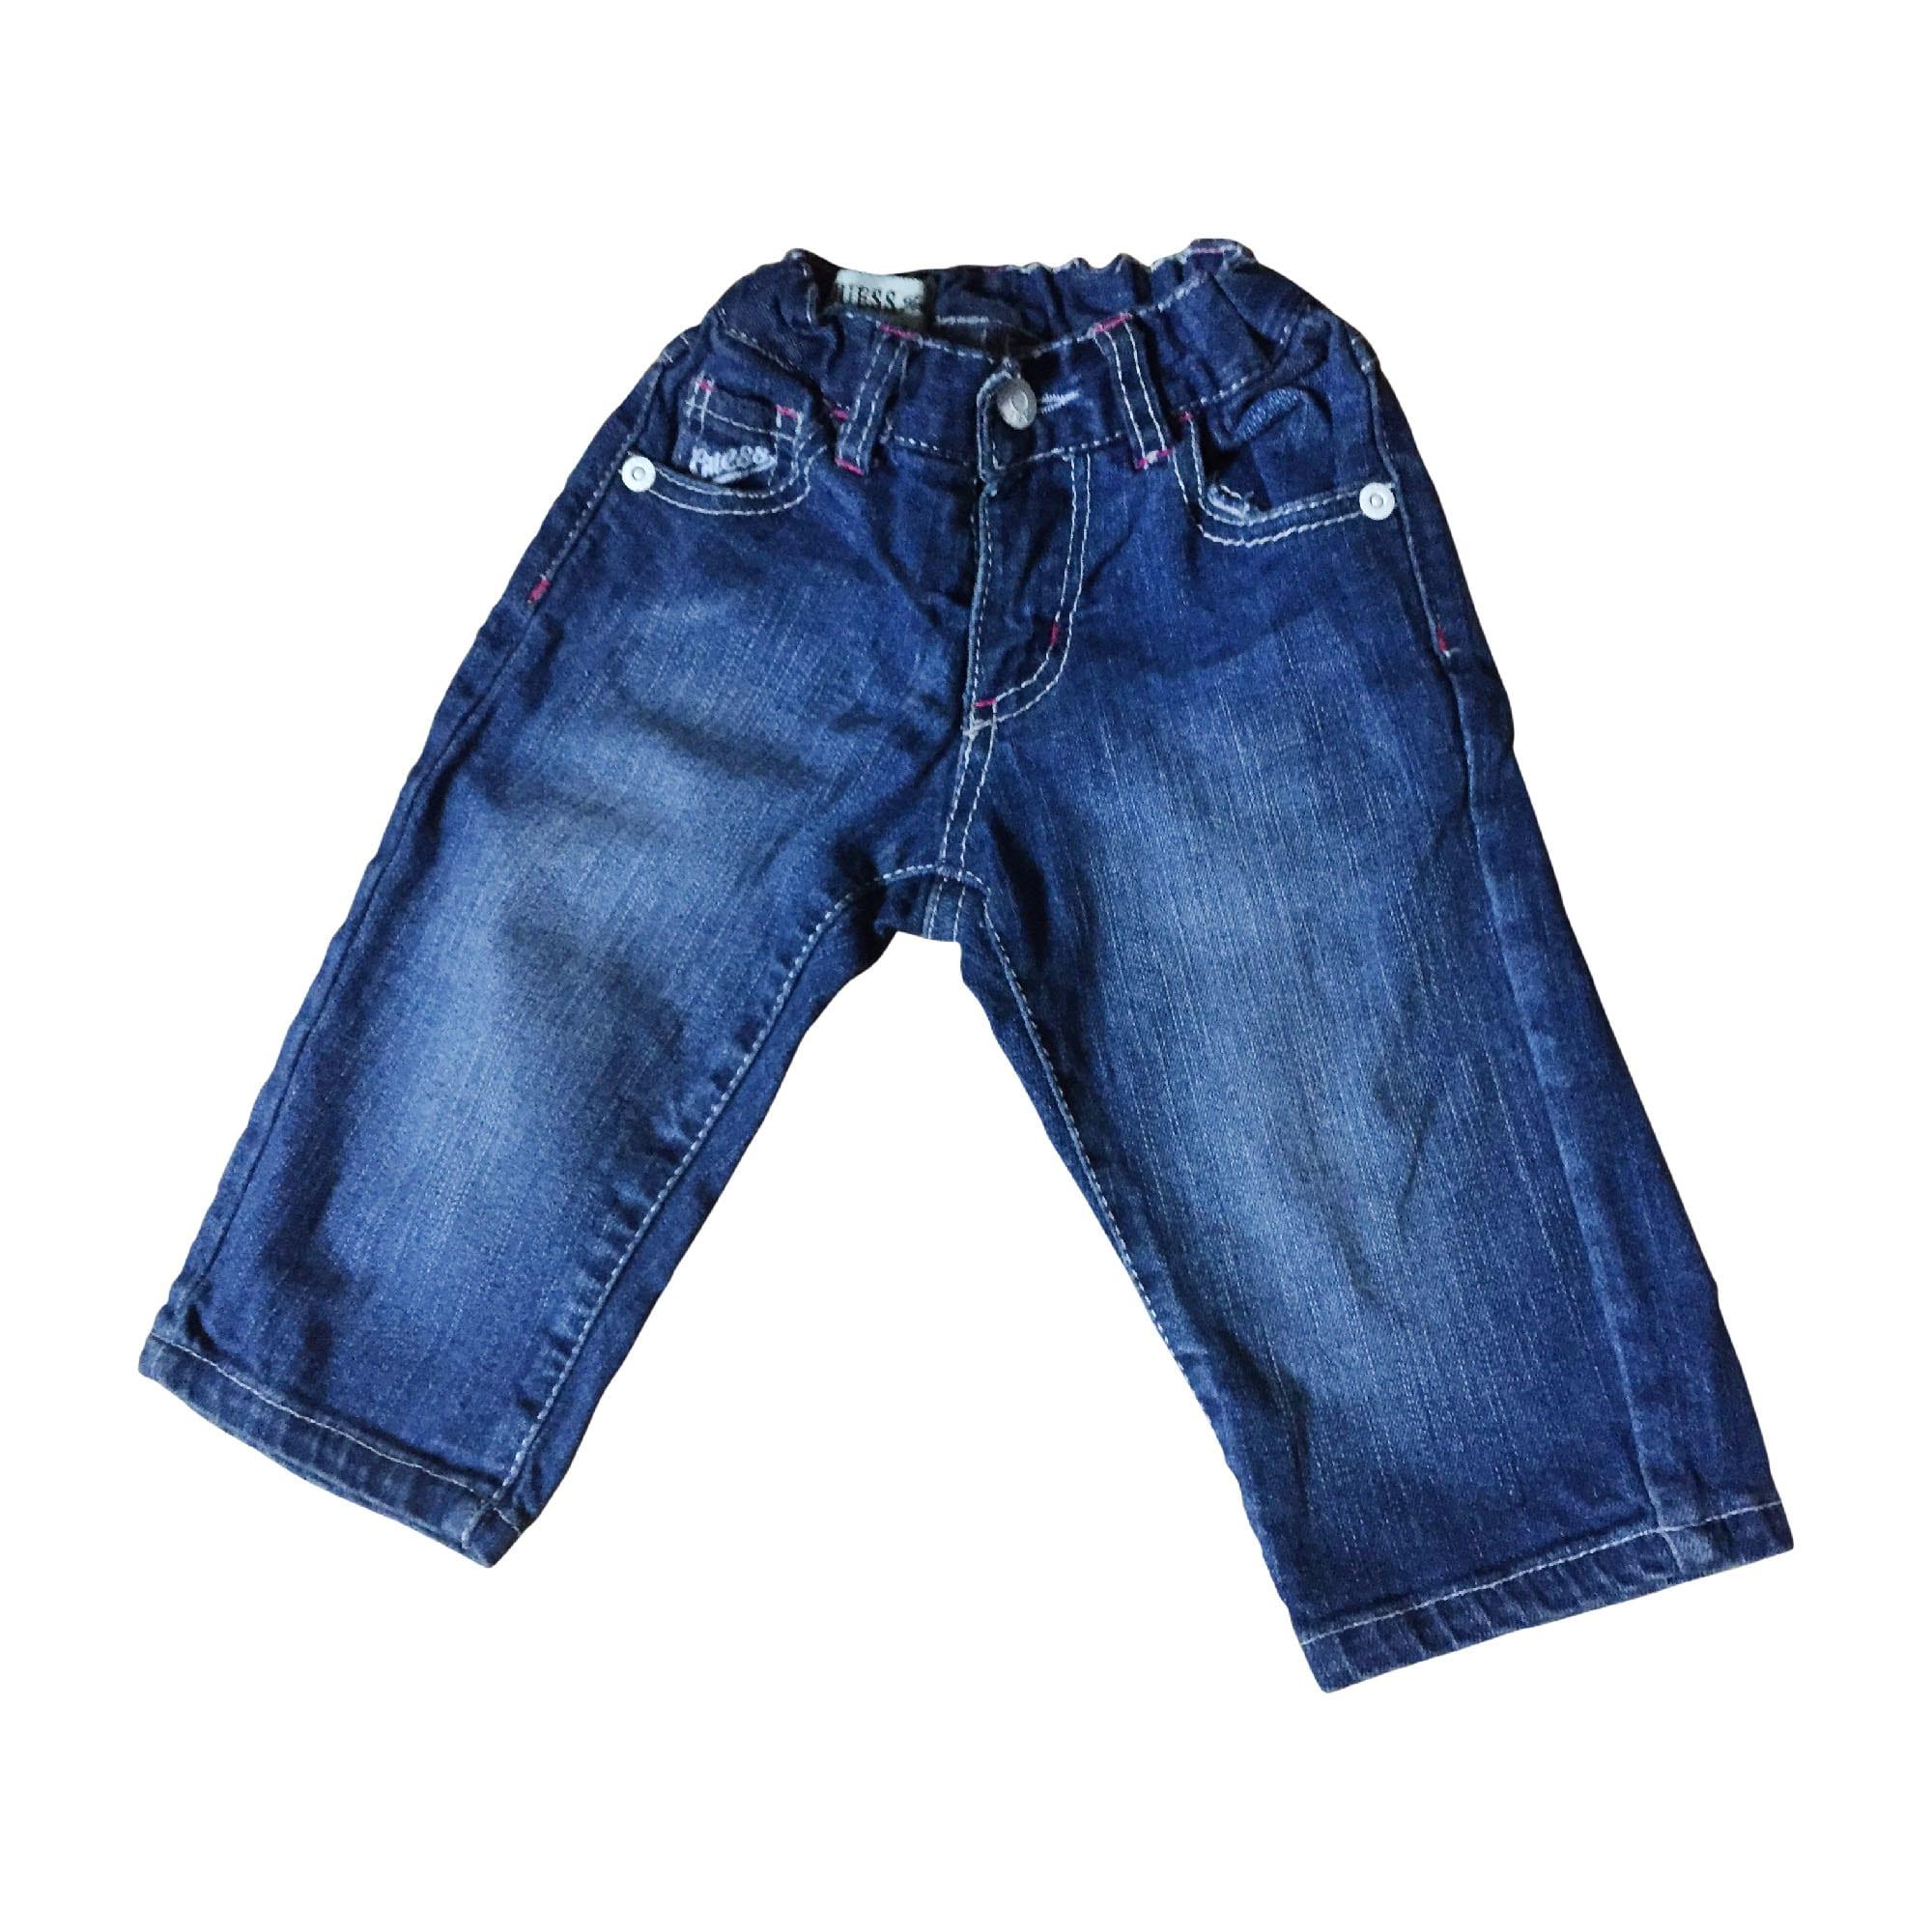 Pantalon GUESS Bleu, bleu marine, bleu turquoise